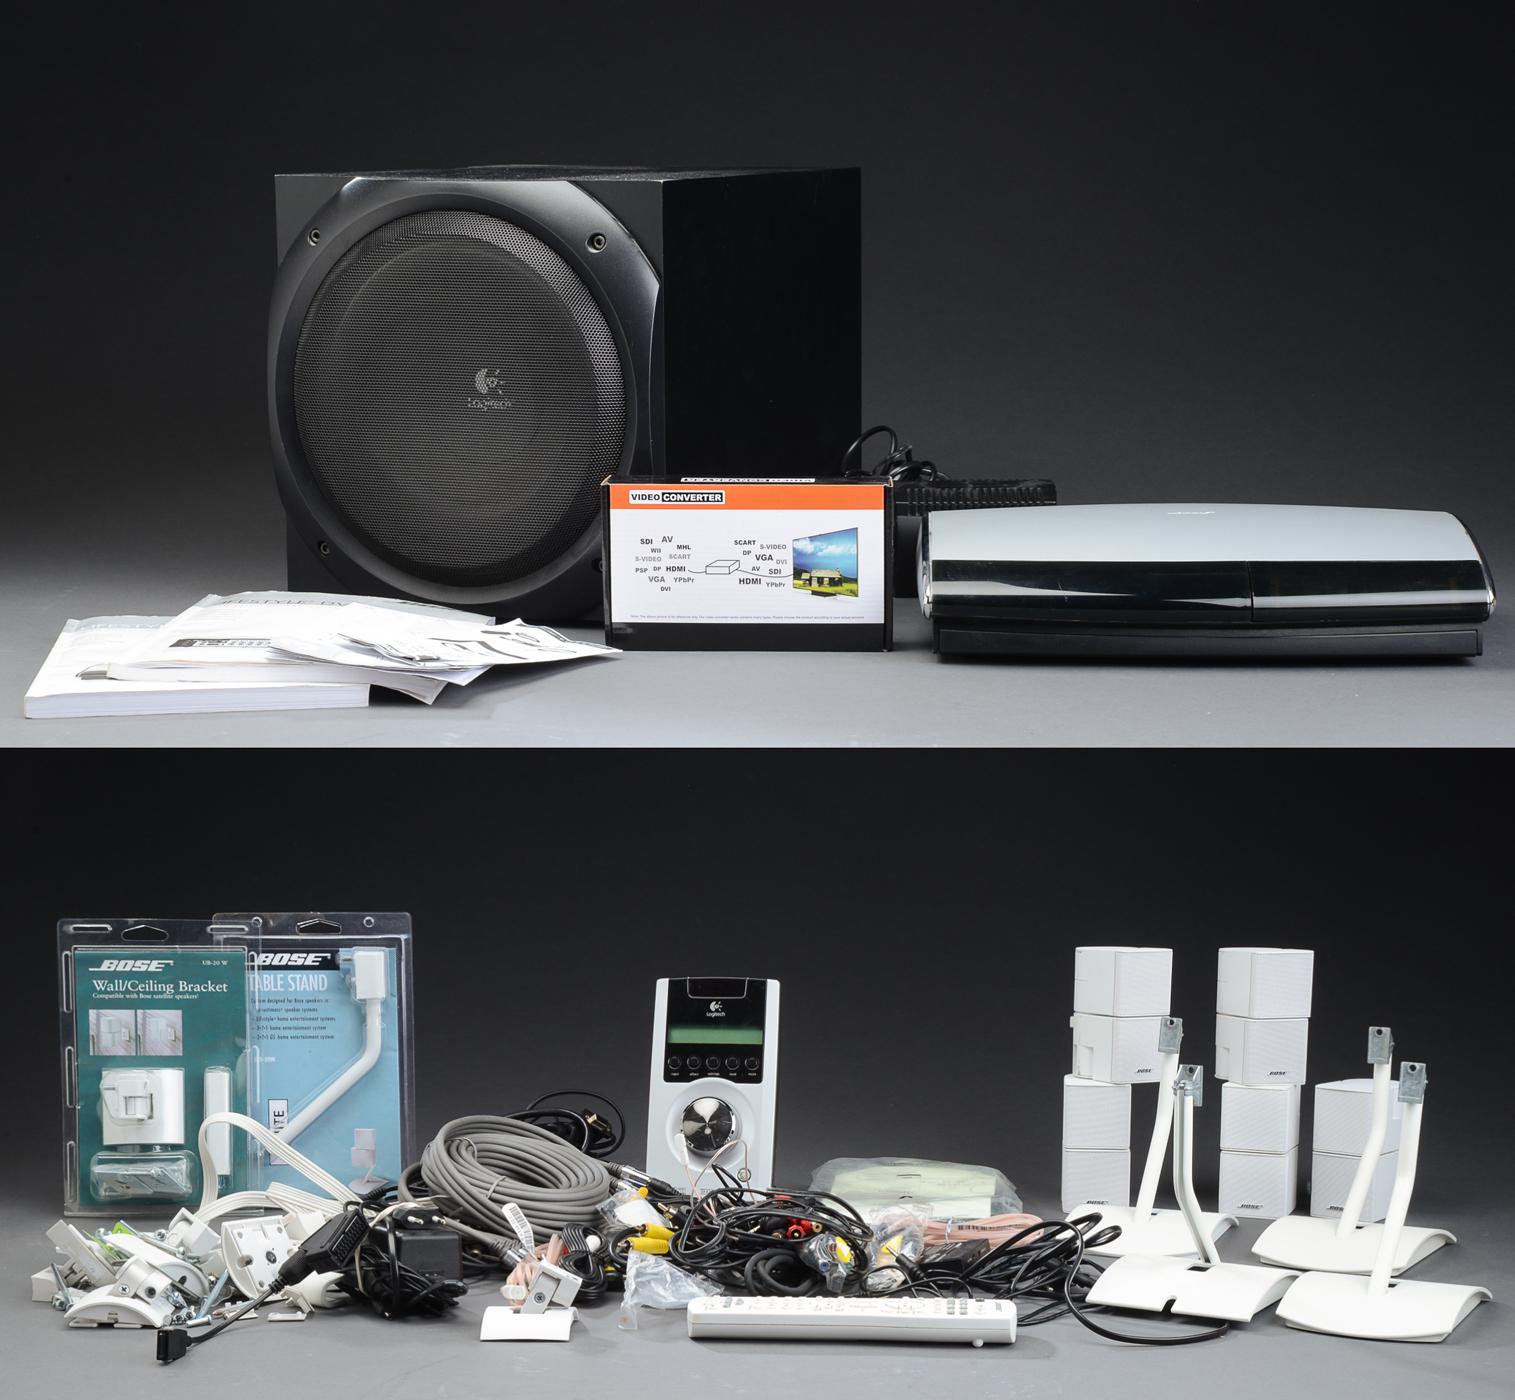 Bose AV48 multimediasystem med surround - Bose AV48 multimediasystem med surround. Fire Bose Jewel Double Cube højtalere, med diverse væg og bord beslag. Logitech Z-5500 digital subwoofer. Diverse ledninger og manualer medfølger. Lauritz.cvom indestår ikke for funktionaliteten